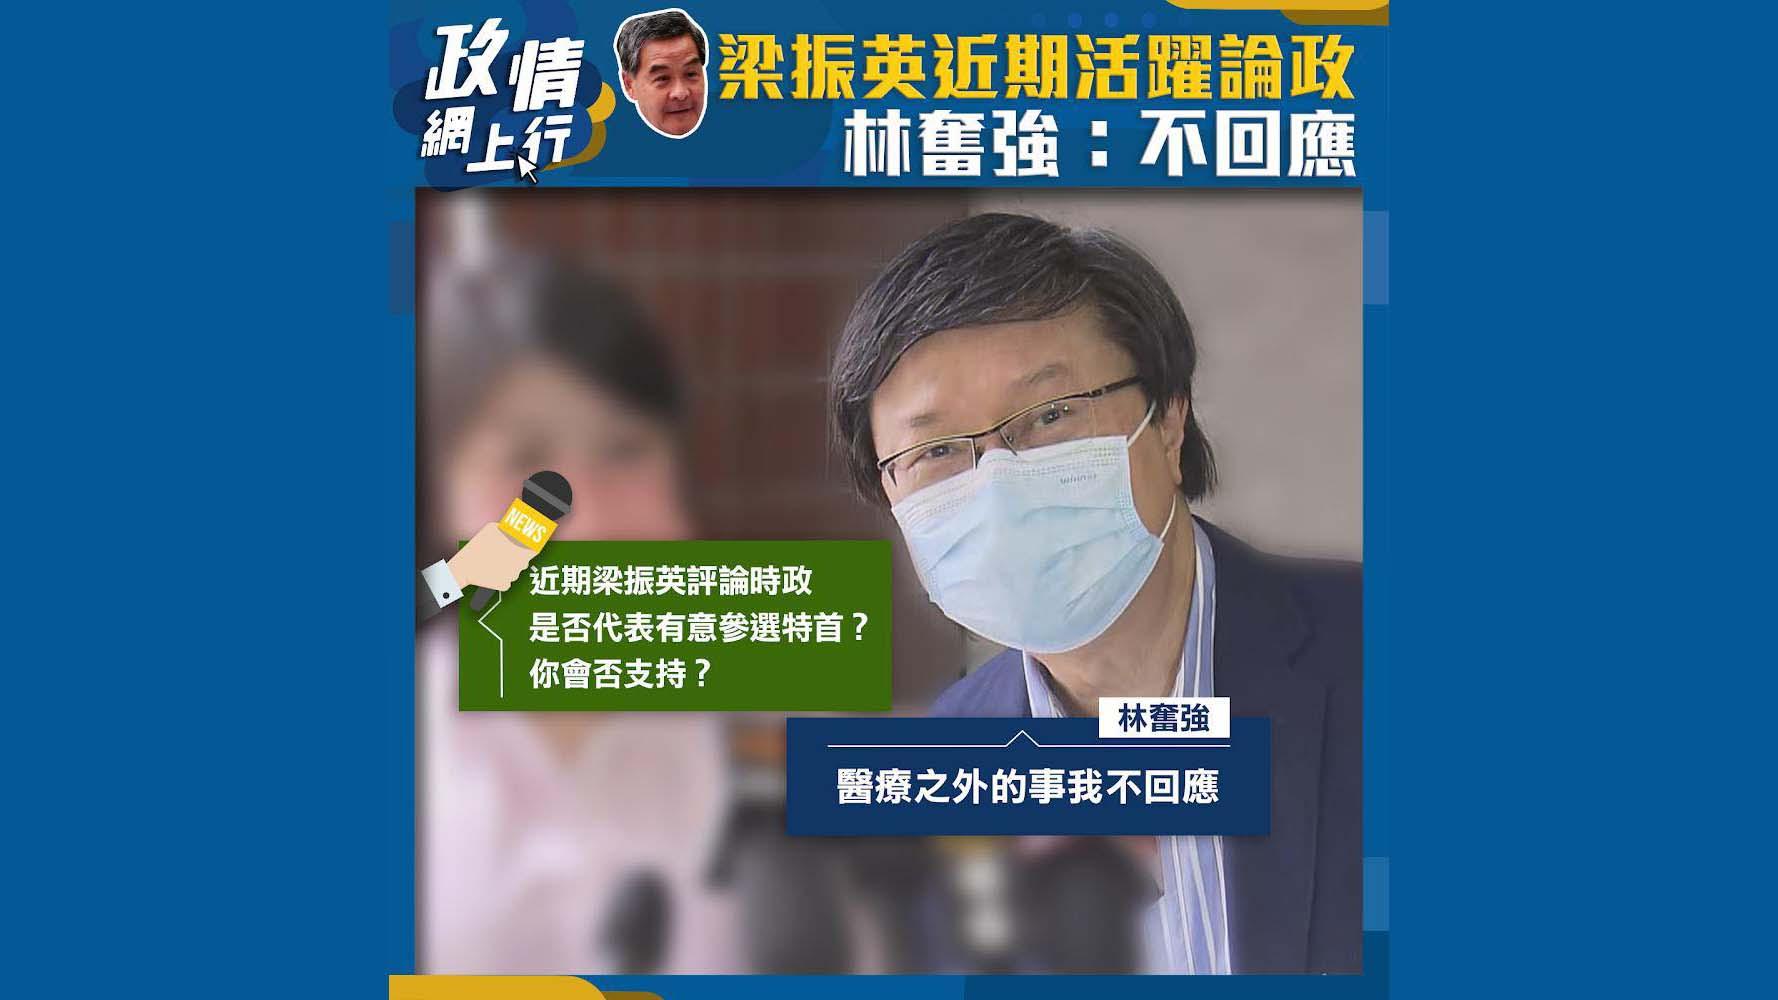 【政情網上行】梁振英近期活躍論政 林奮強:不回應